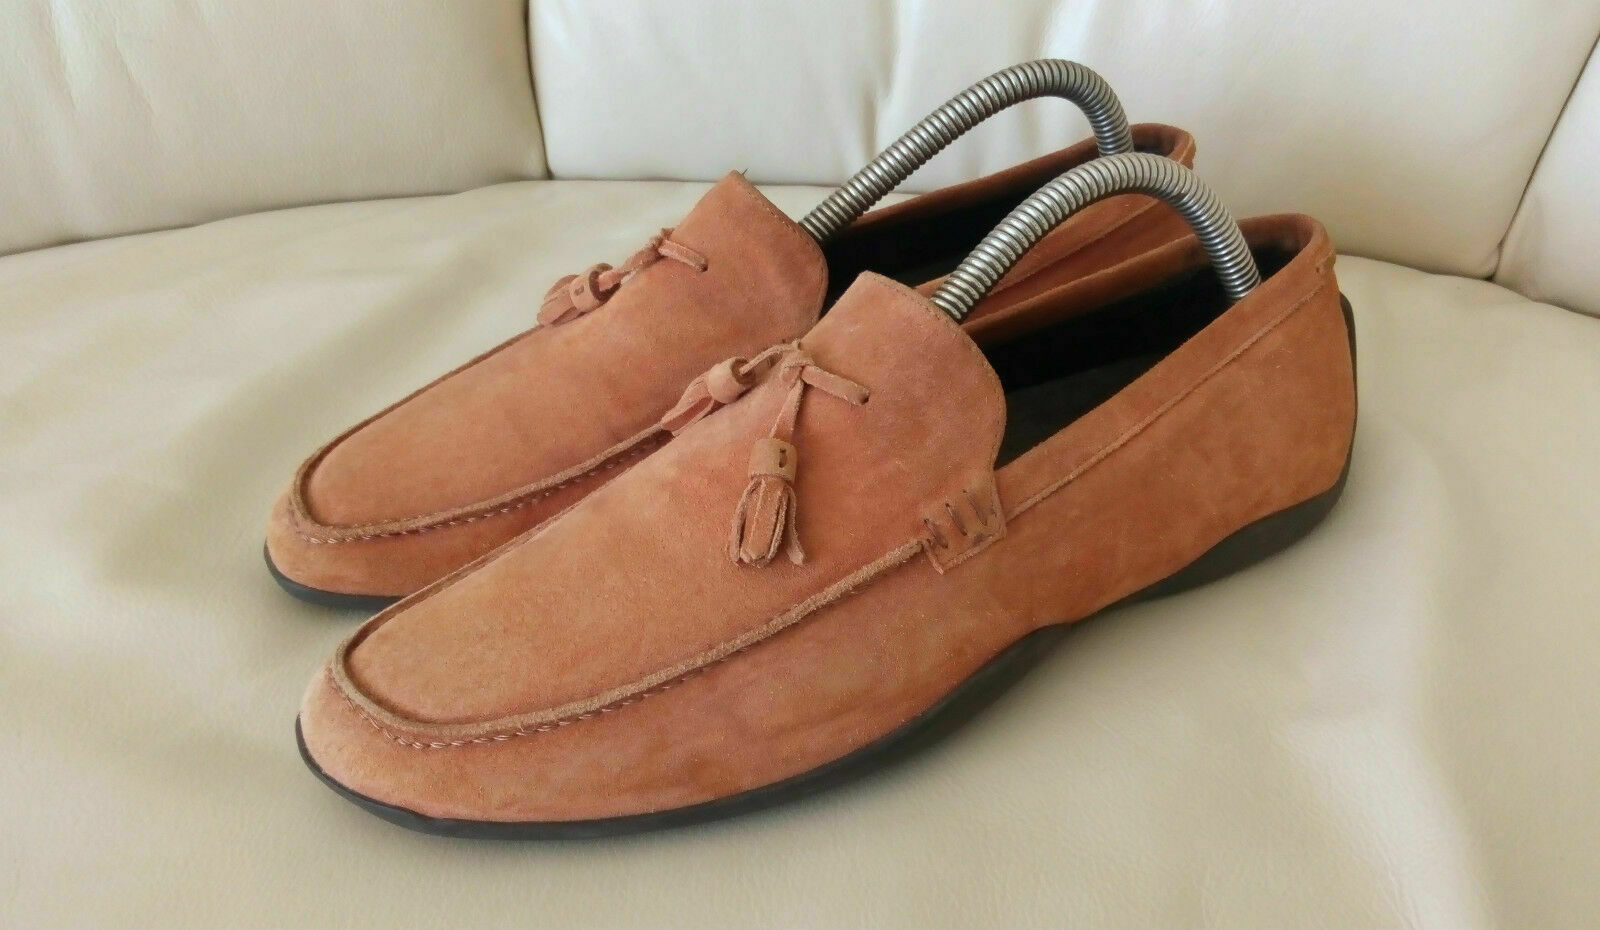 Max Mara Mocassins Pantoufles Chaussures Femmes Oliv Sienne Orange daim taille 41